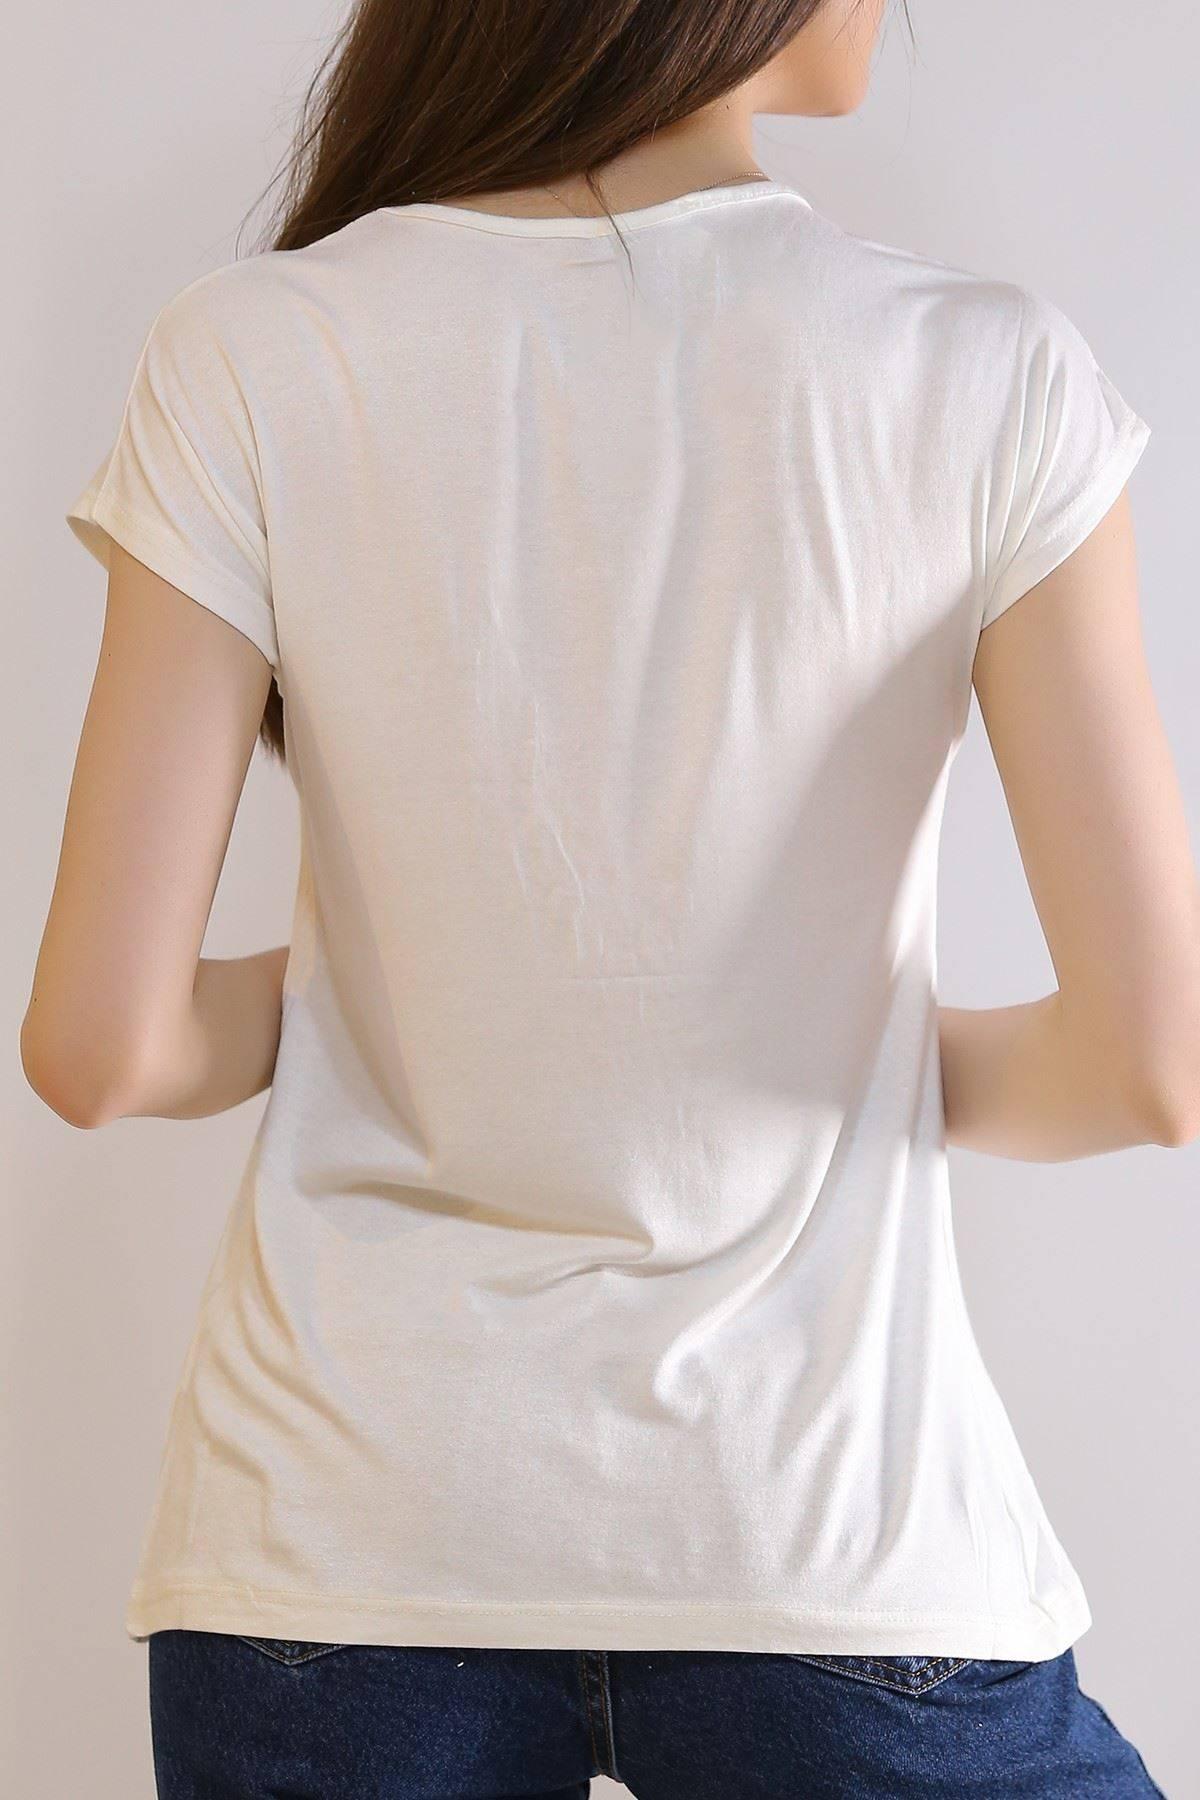 Taş İşlemeli Tişört Beyaz - 6005.139.